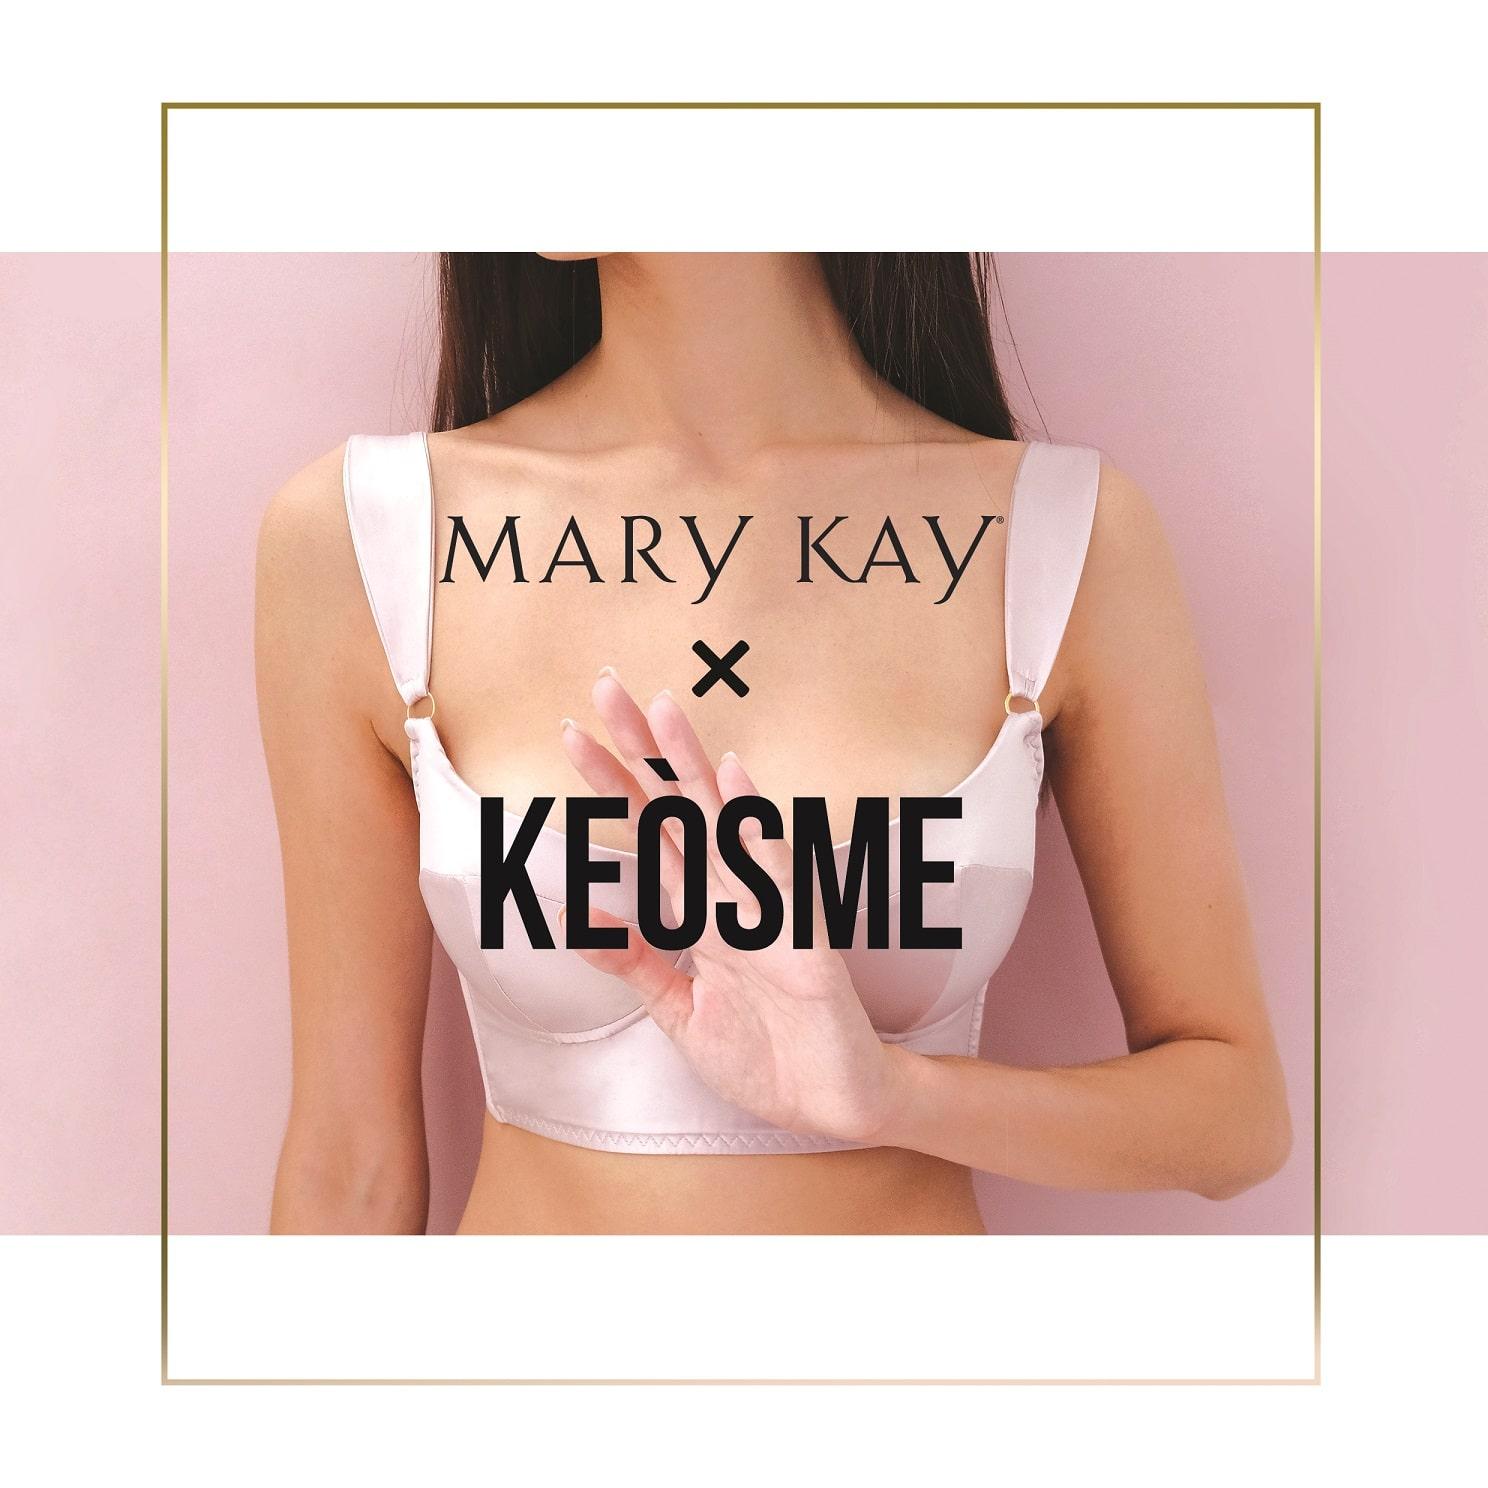 Mary Kay та KEÒSME випустили лінійку білизни з соціальним підтекстом-Фото 1